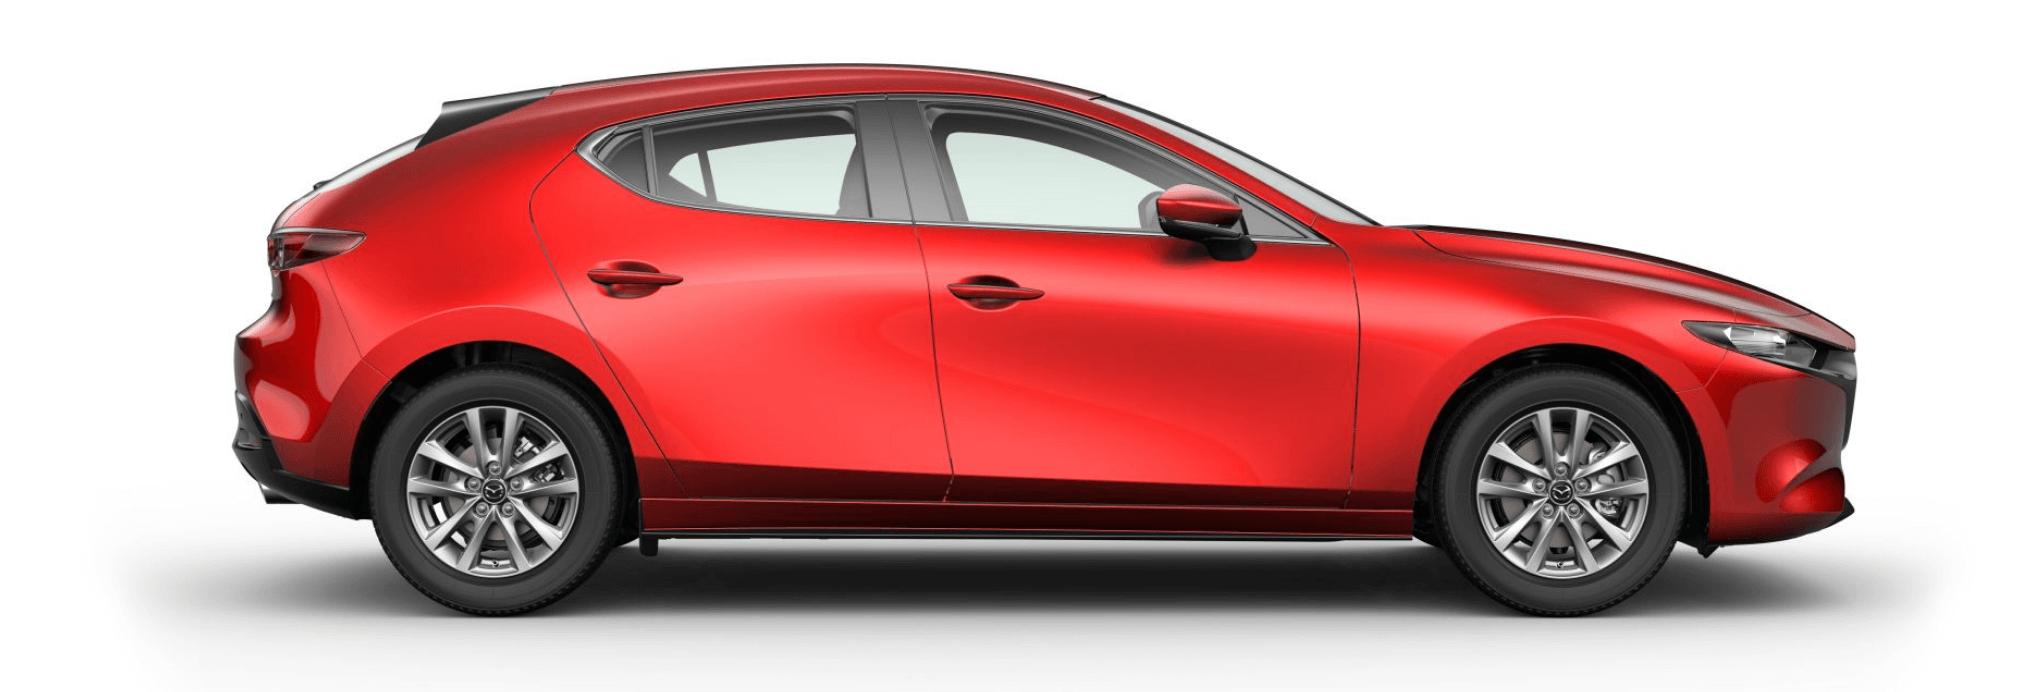 Mazda3 HATCHBACK 2,0 SKYACTIV-G 122 SKYMOVE